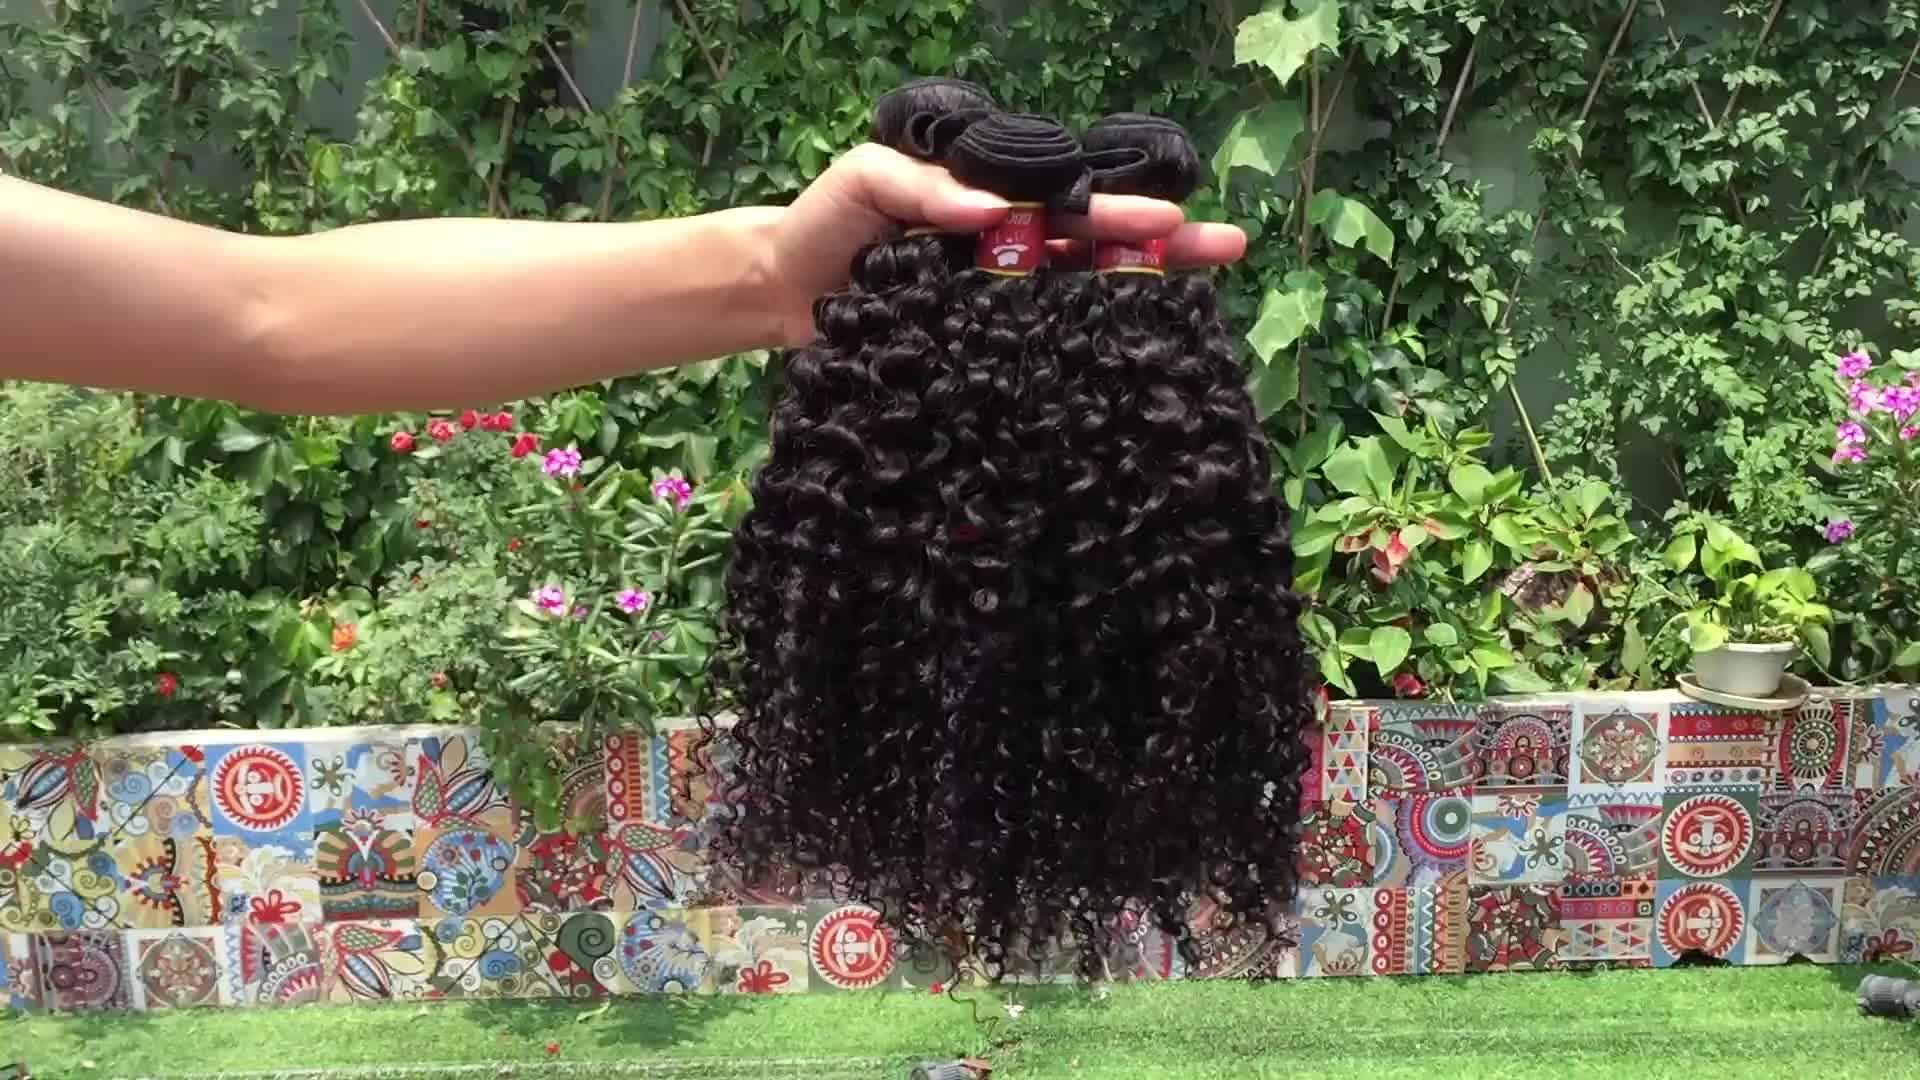 Naturale 36 pollice bionda riccia dei capelli umani di estensione, bagnato ed ondulato brasiliano dei capelli fascio bionda, bionda estensione dei capelli umani